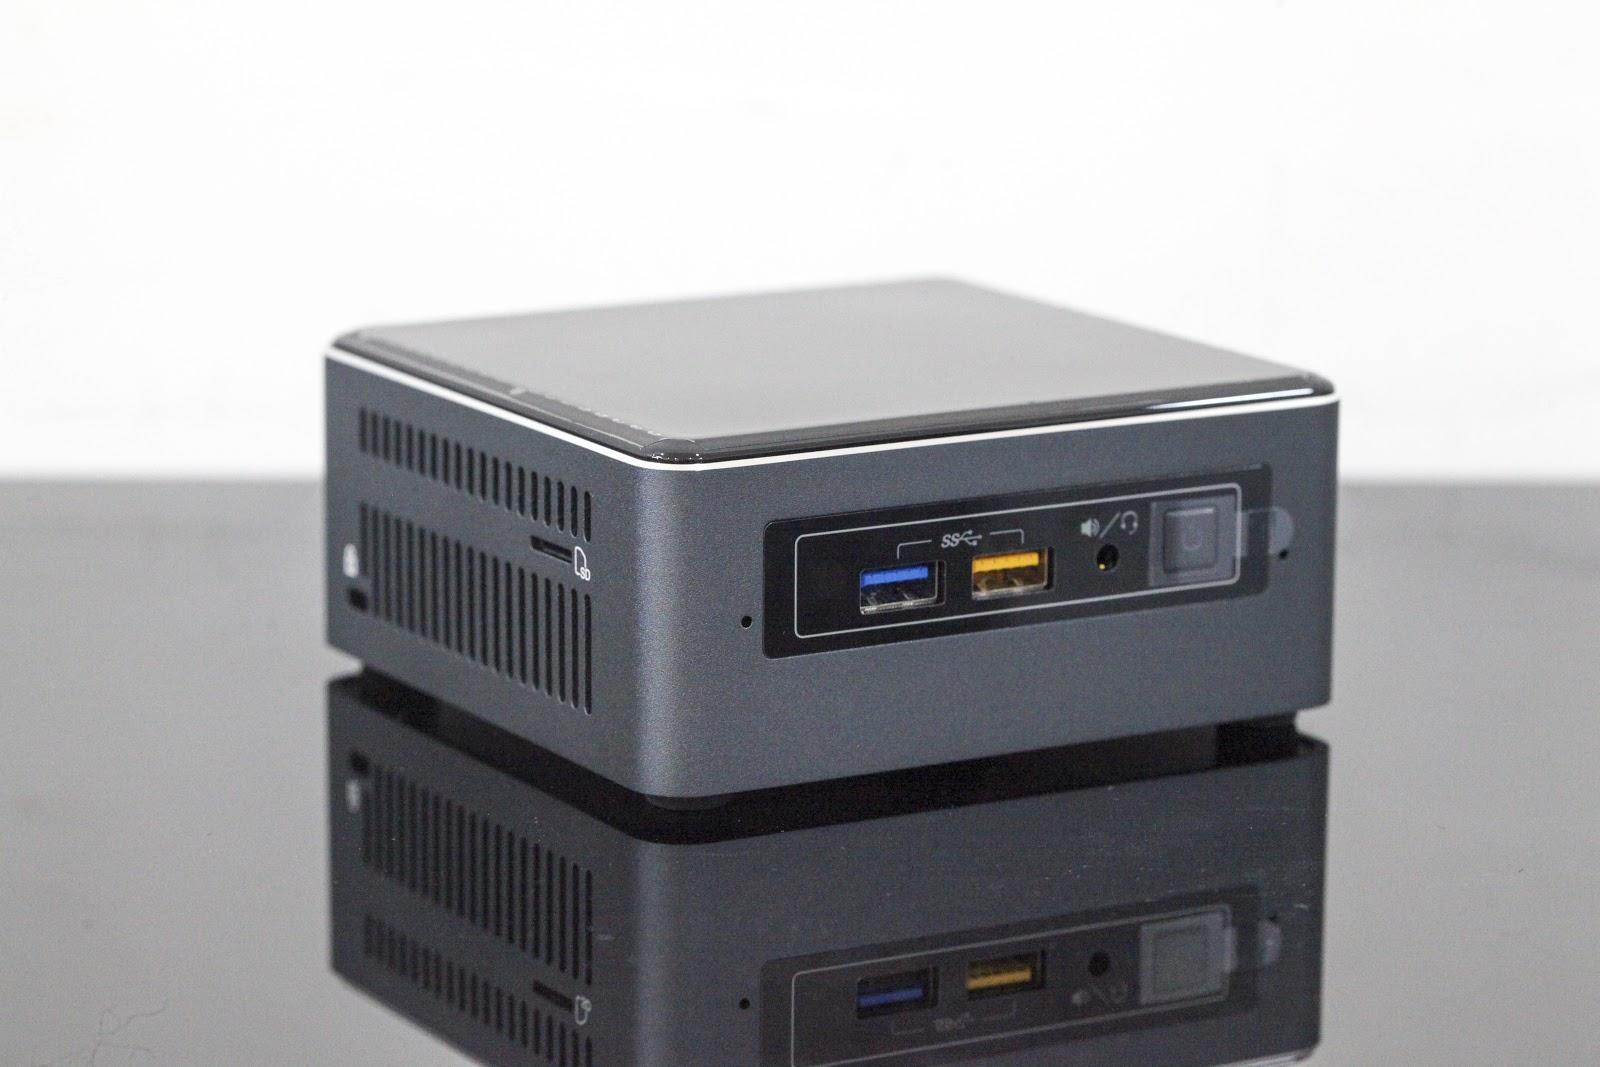 Đánh giá cặp đôi Intel NUC7i7BNH và SSD 660p: Không thể thiếu cho góc học tập chất - Ảnh 5.